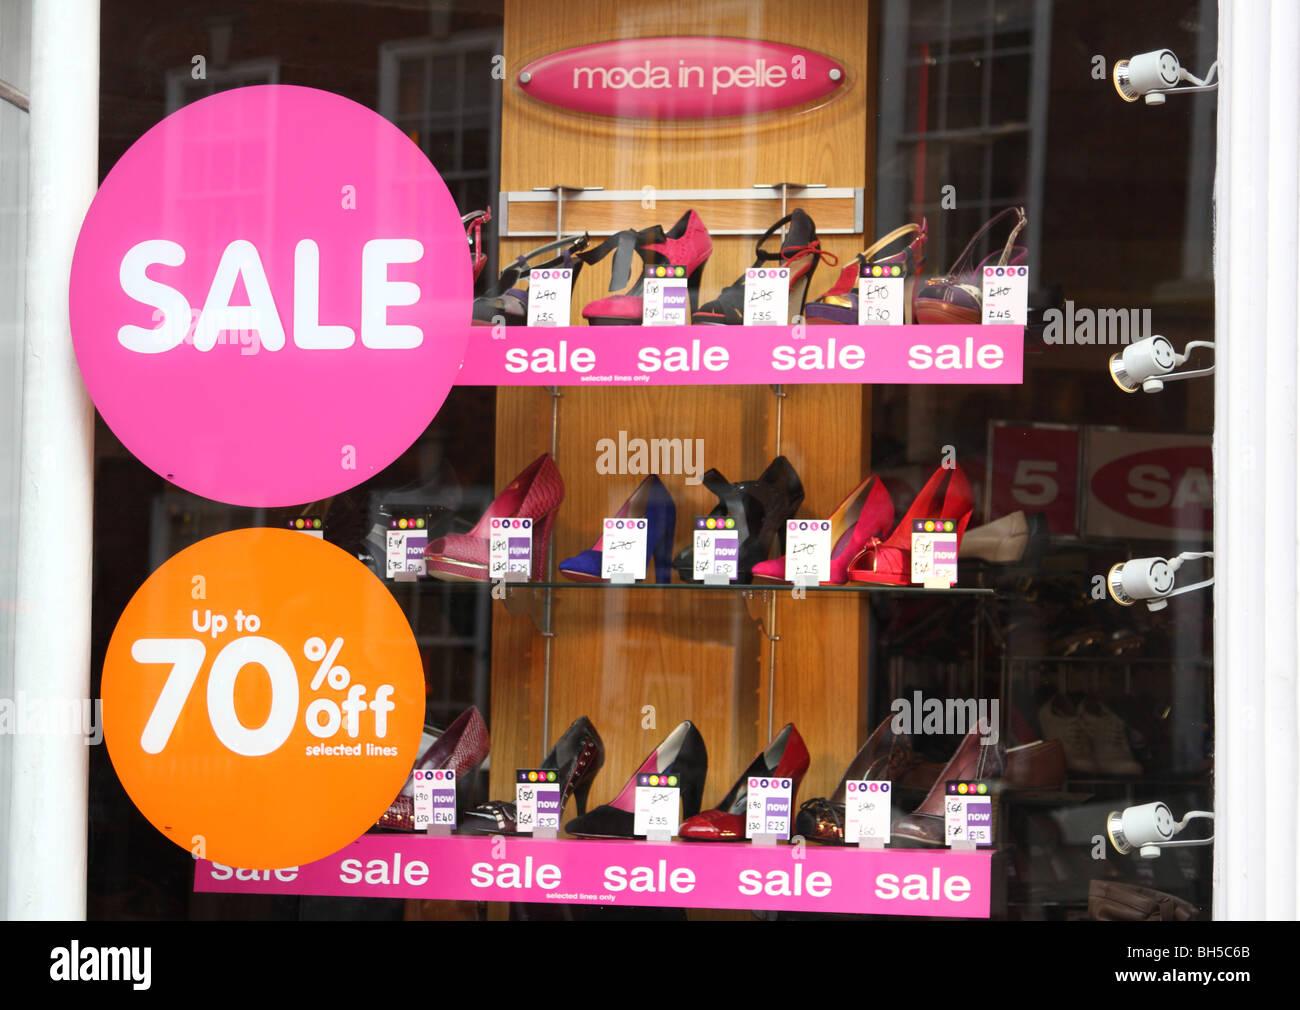 Una finestra di visualizzazione a una Moda in Pelle negozio in una città del Regno Unito. Immagini Stock